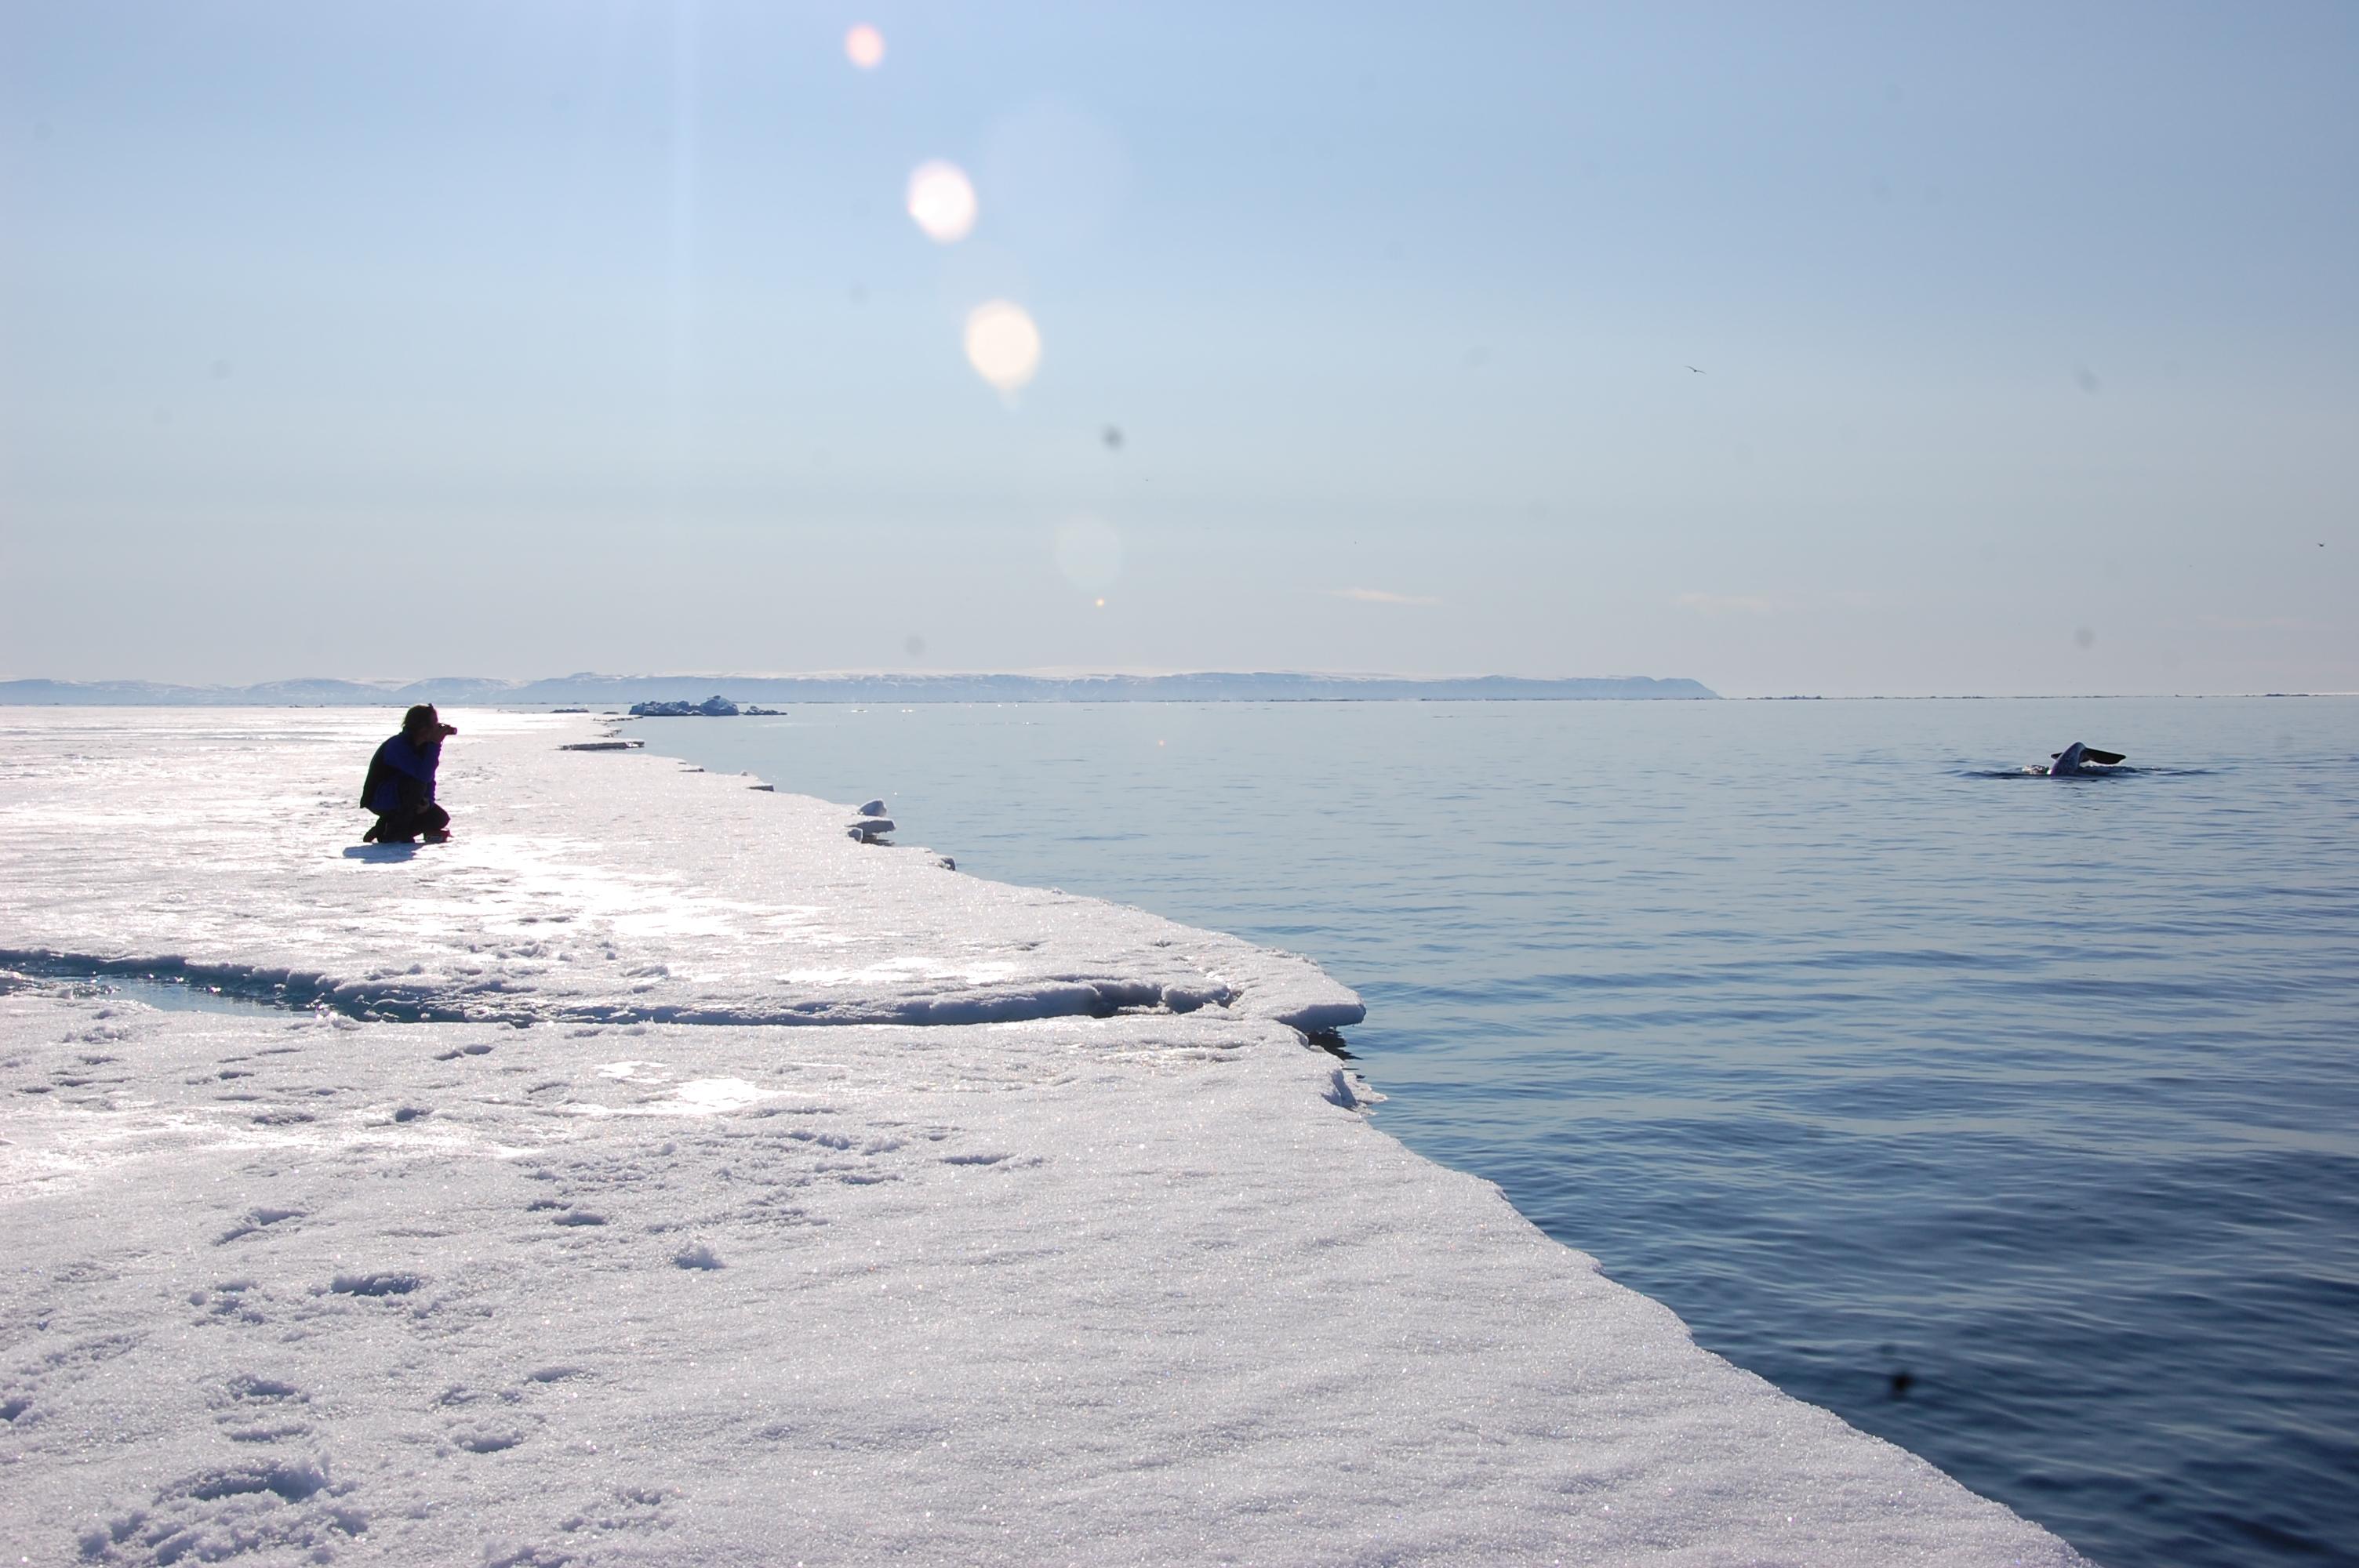 arctic floe edge